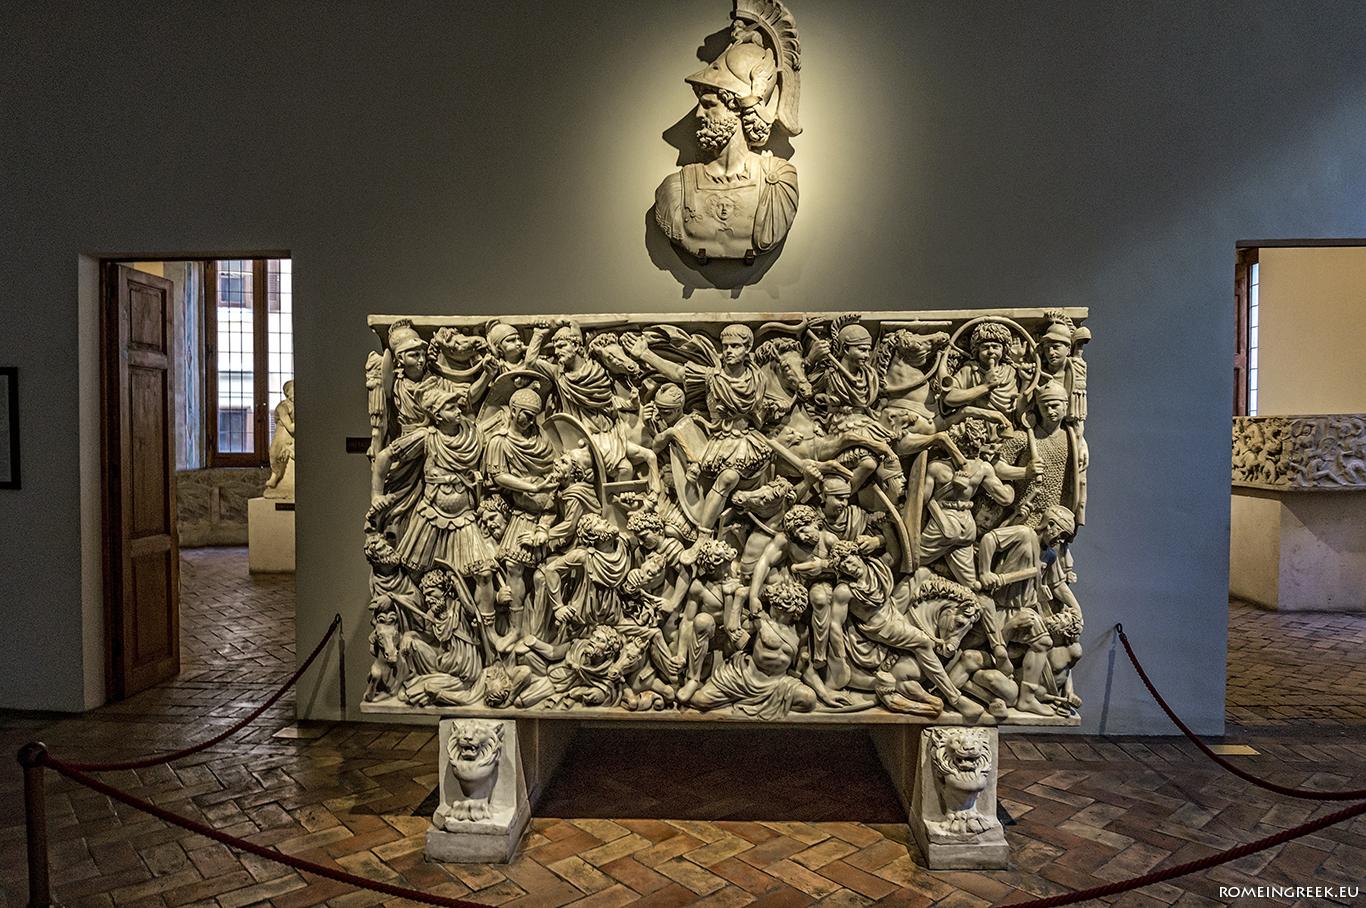 Ρωμαϊκή σαρκοφάγος